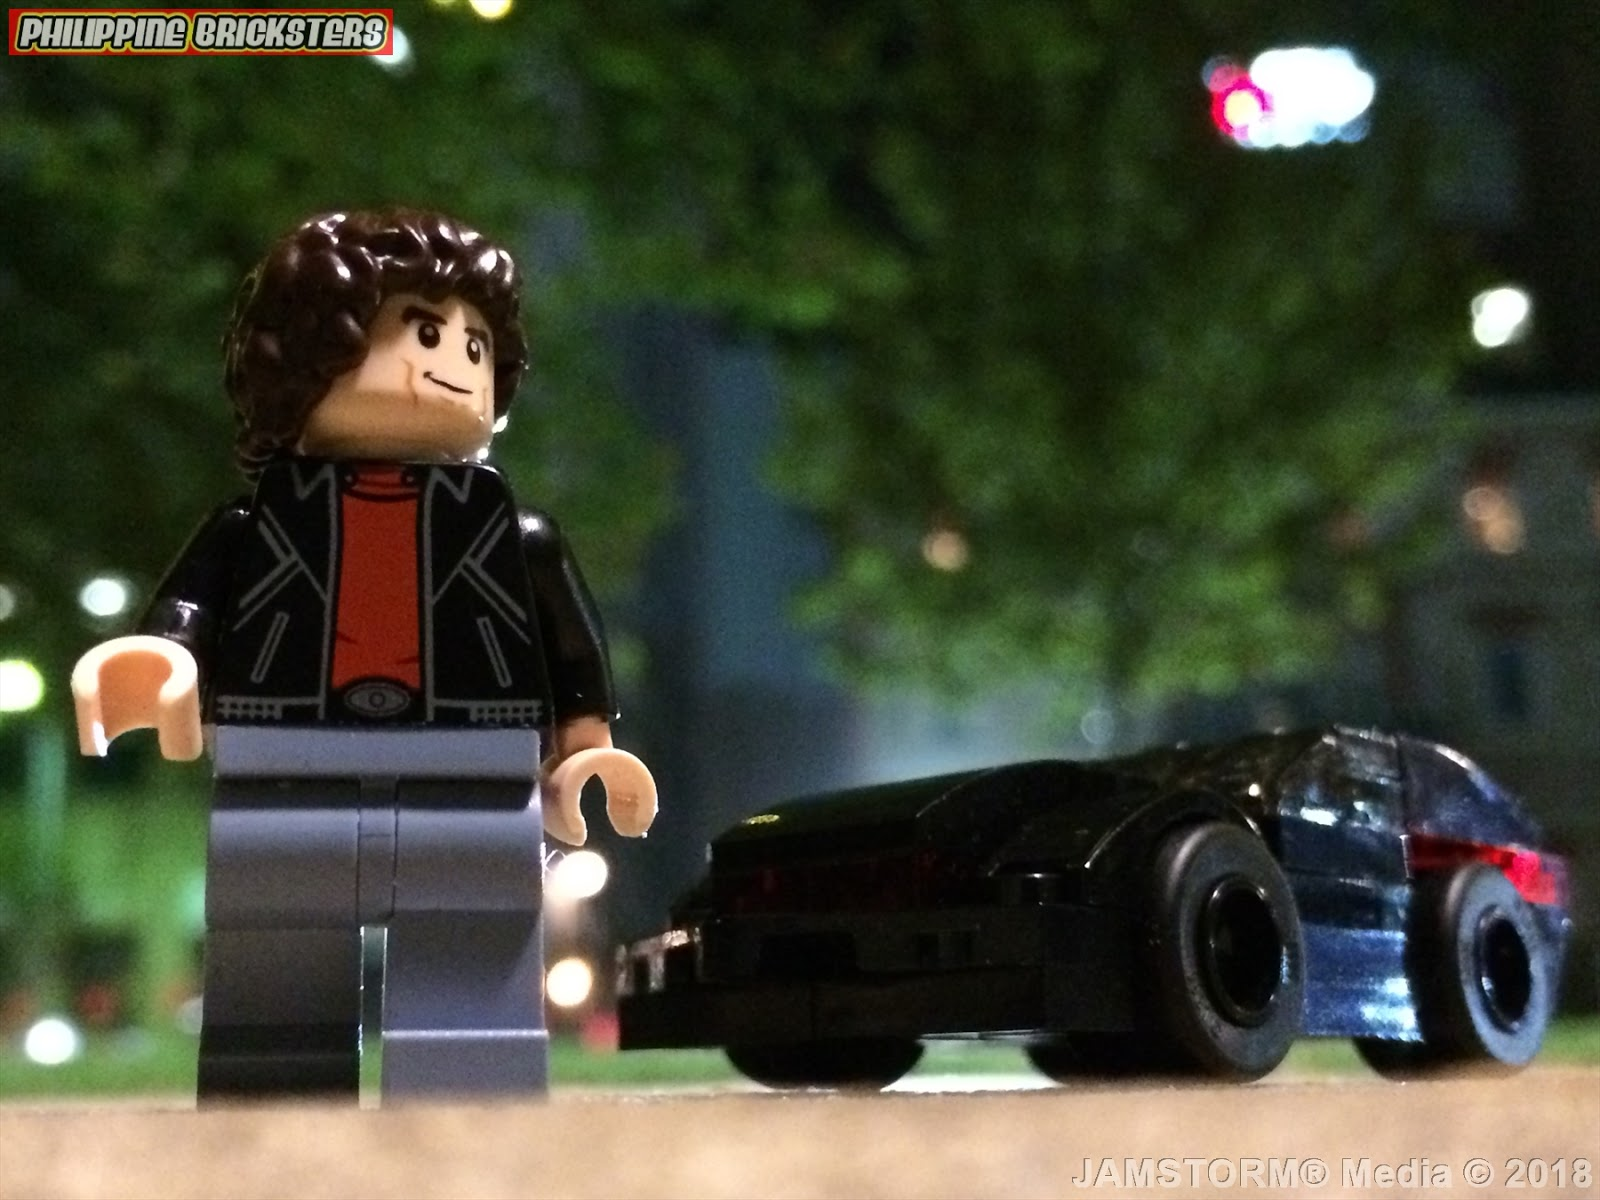 71286 David Hasselhoff LEGO Michael Knight MiniFigure Knight Rider Dimensions